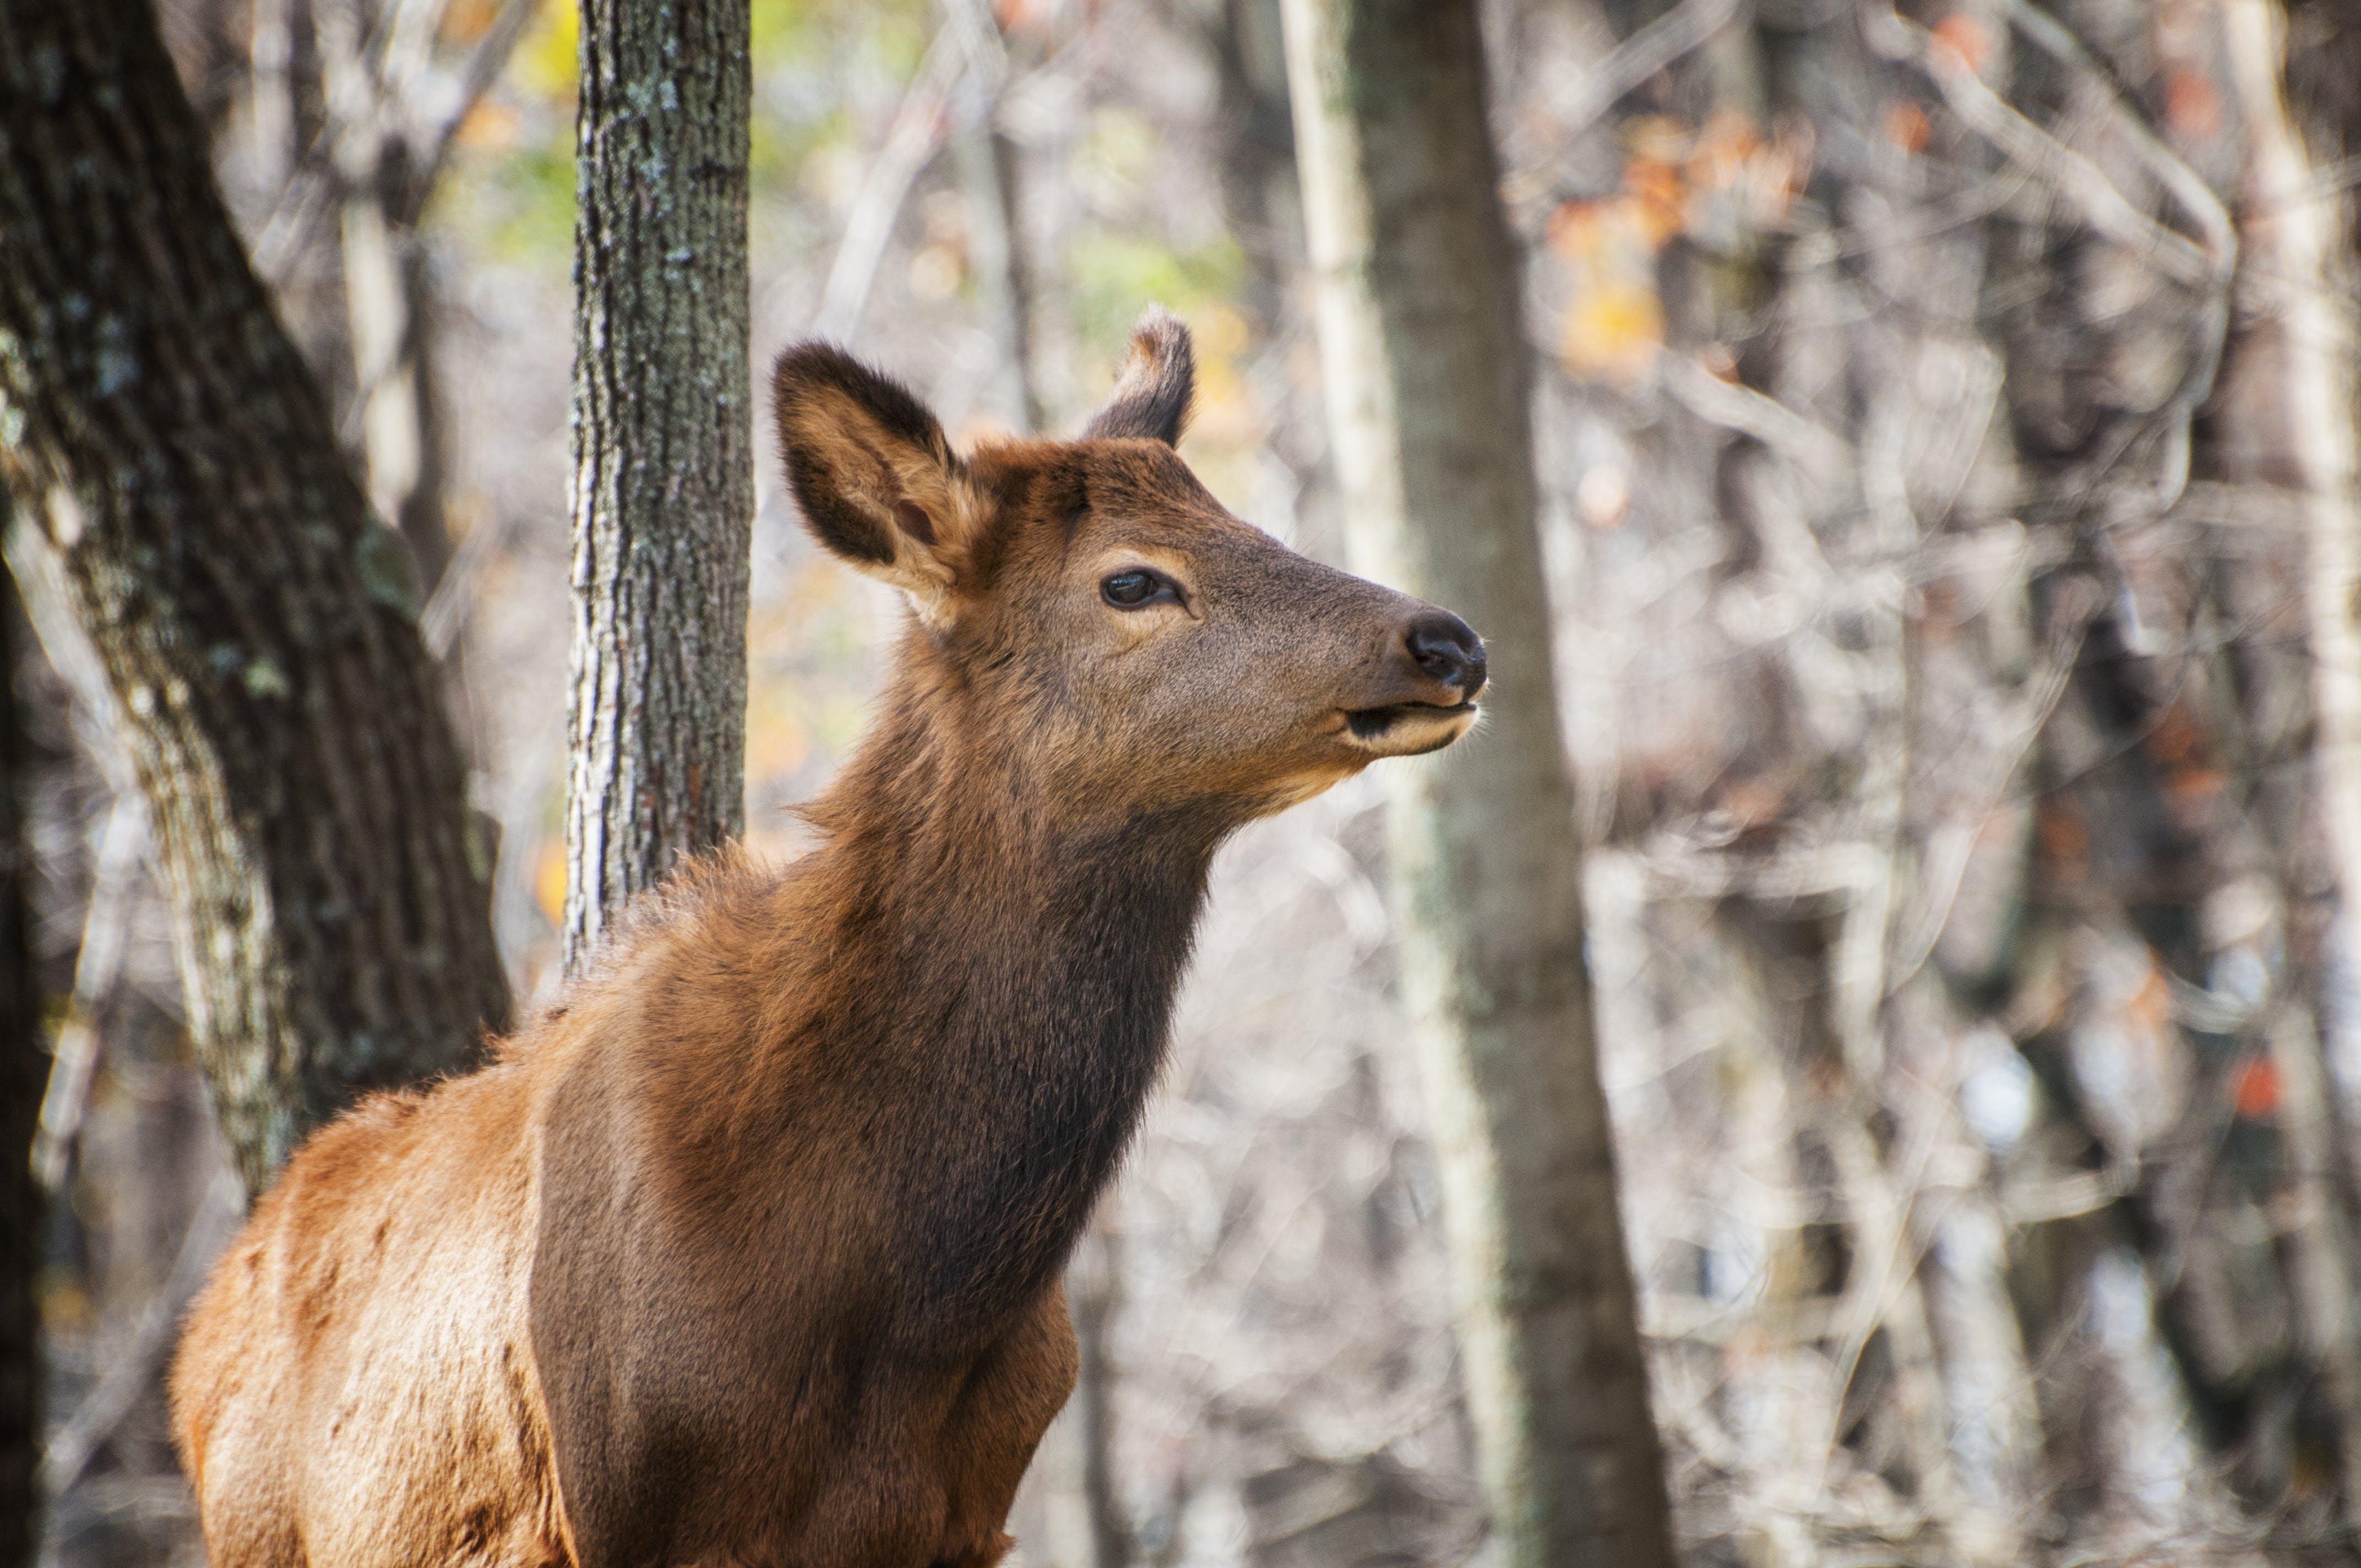 ハーシュ, パーク, フォーカス, 動物の無料の写真素材